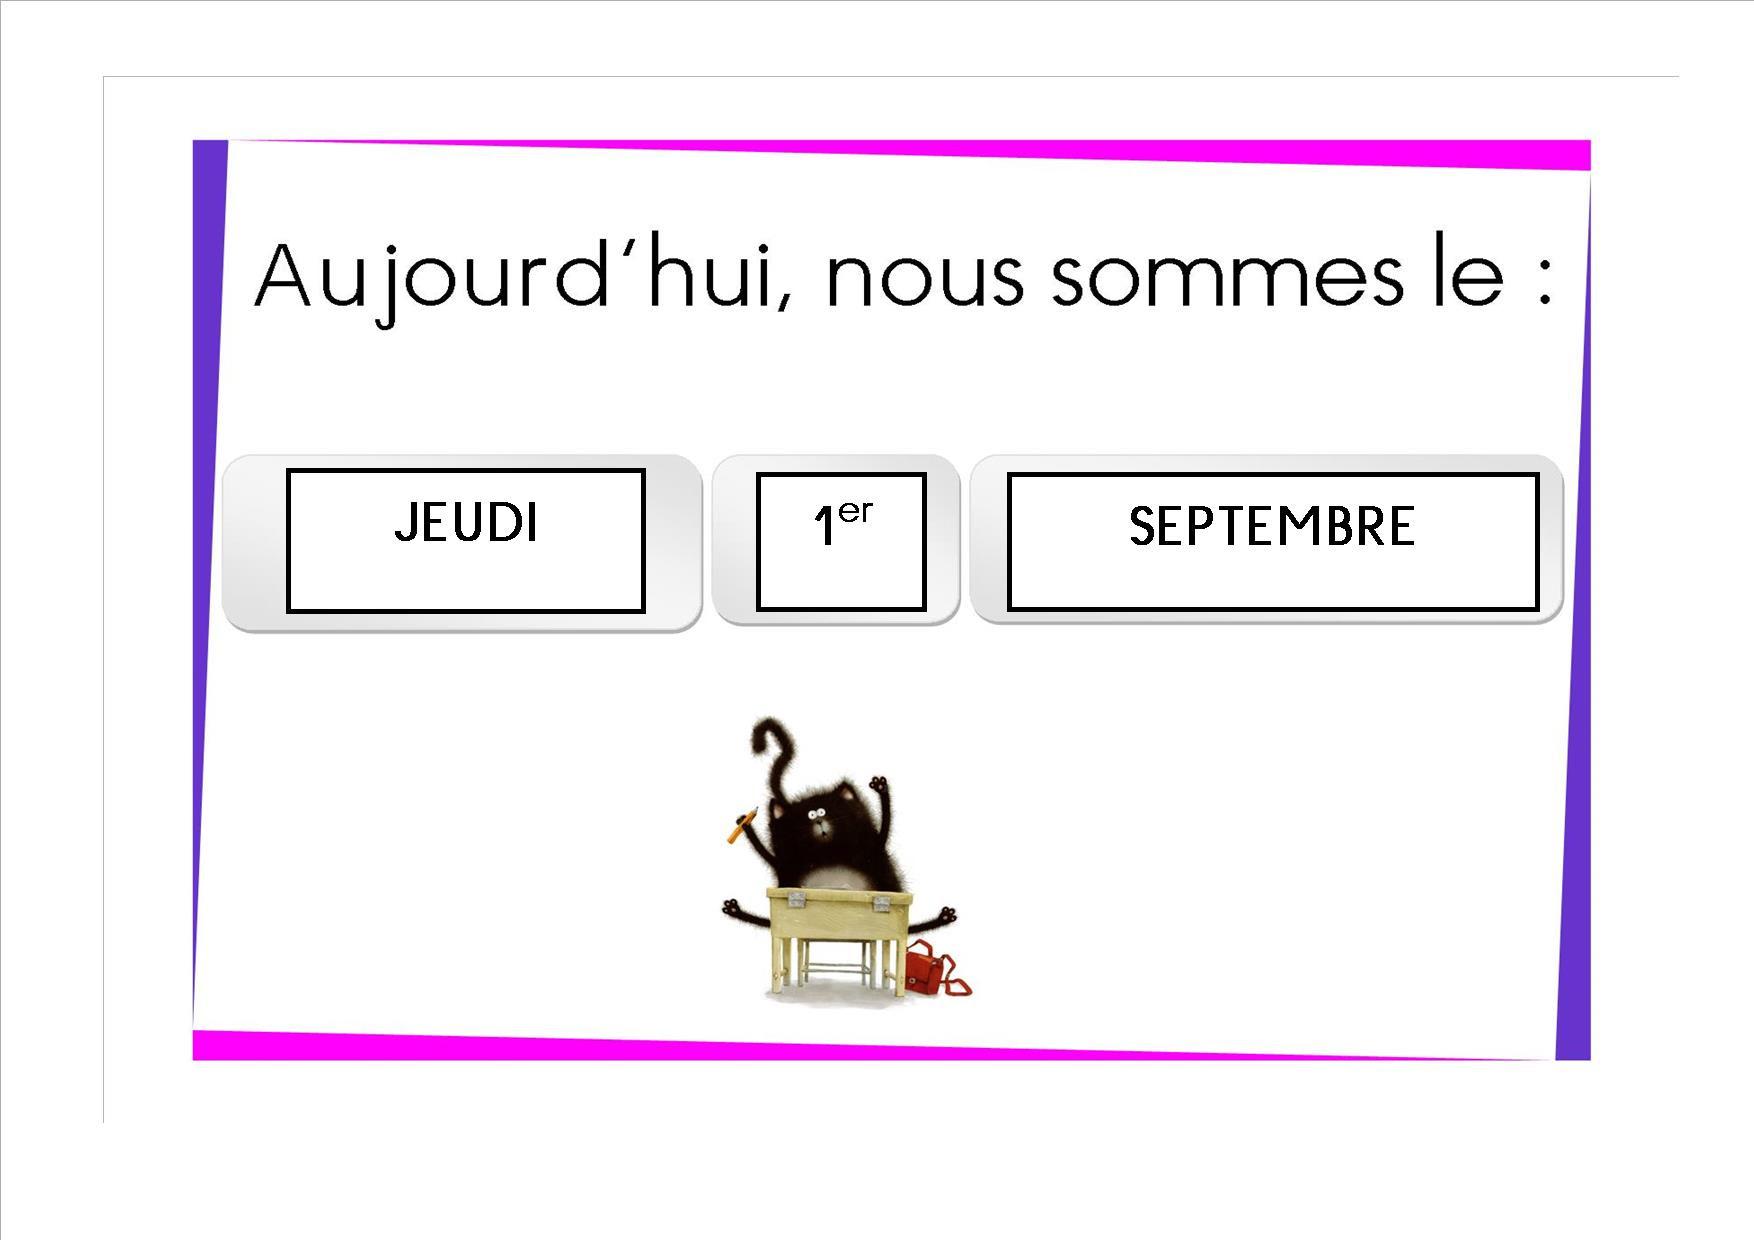 élégant Coloriage Splat Le Chat Imprimer Et Obtenir Une Coloriage